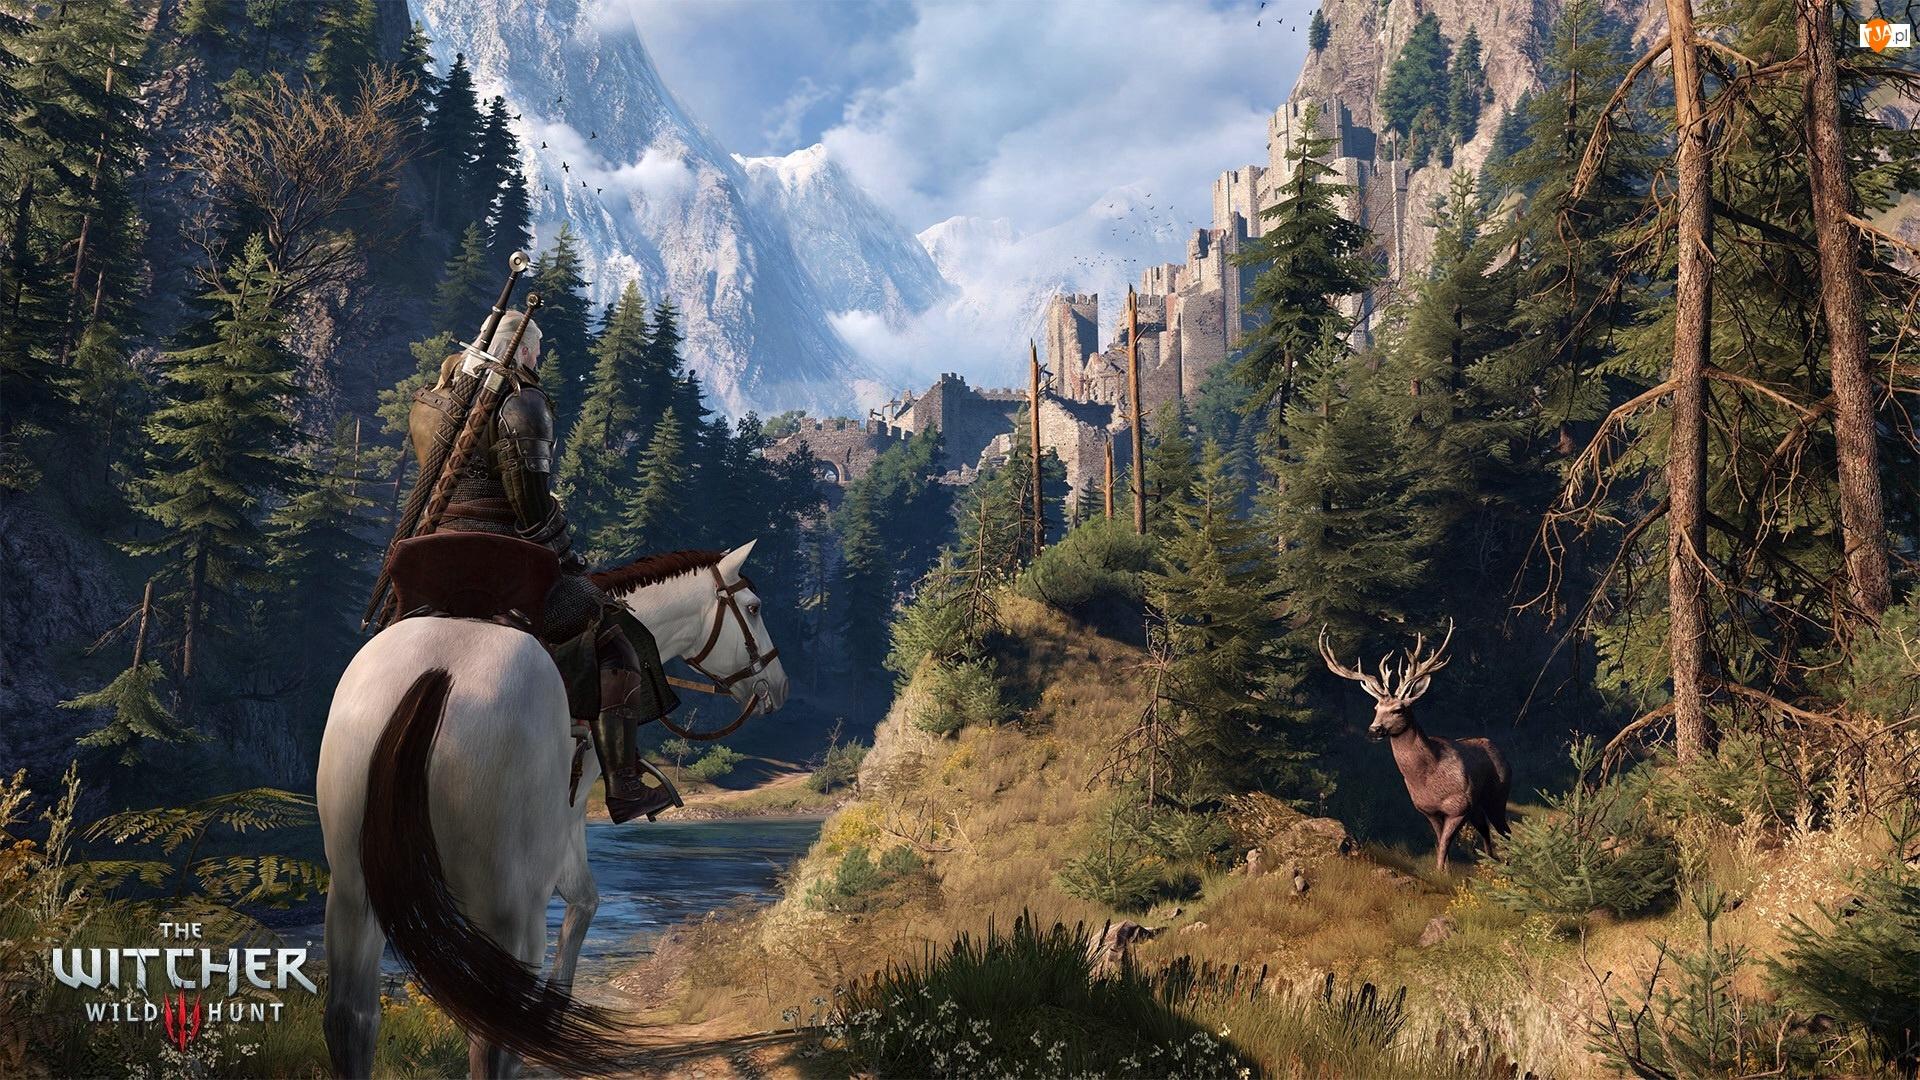 Twierdza, Lasy, Wiedźmin 3: Dziki Gon - The Witcher 3: Wild Hunt, Gra, Szczyty, Koń, Jeleń